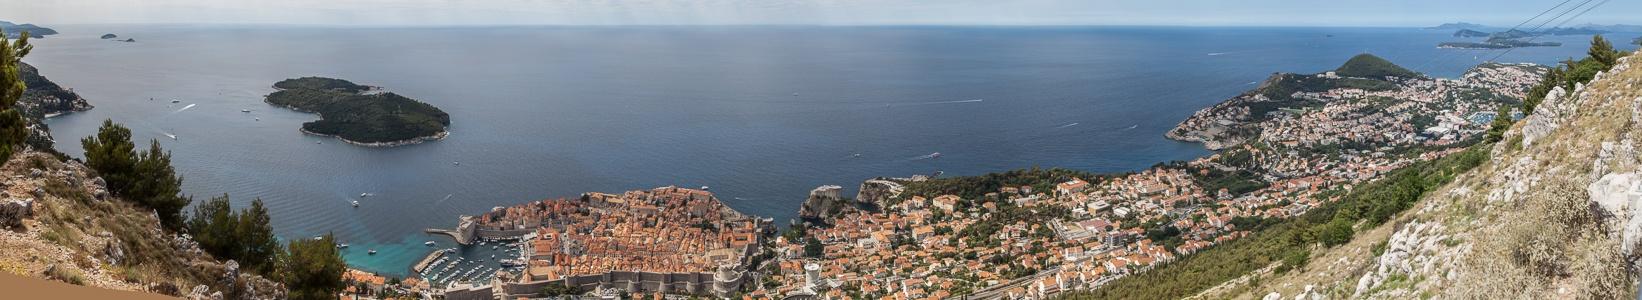 Blick vom Brdo Srđ: Adriatisches Meer (Mittelmeer) mit Lokrum, Altstadt (Grad) Dubrovnik